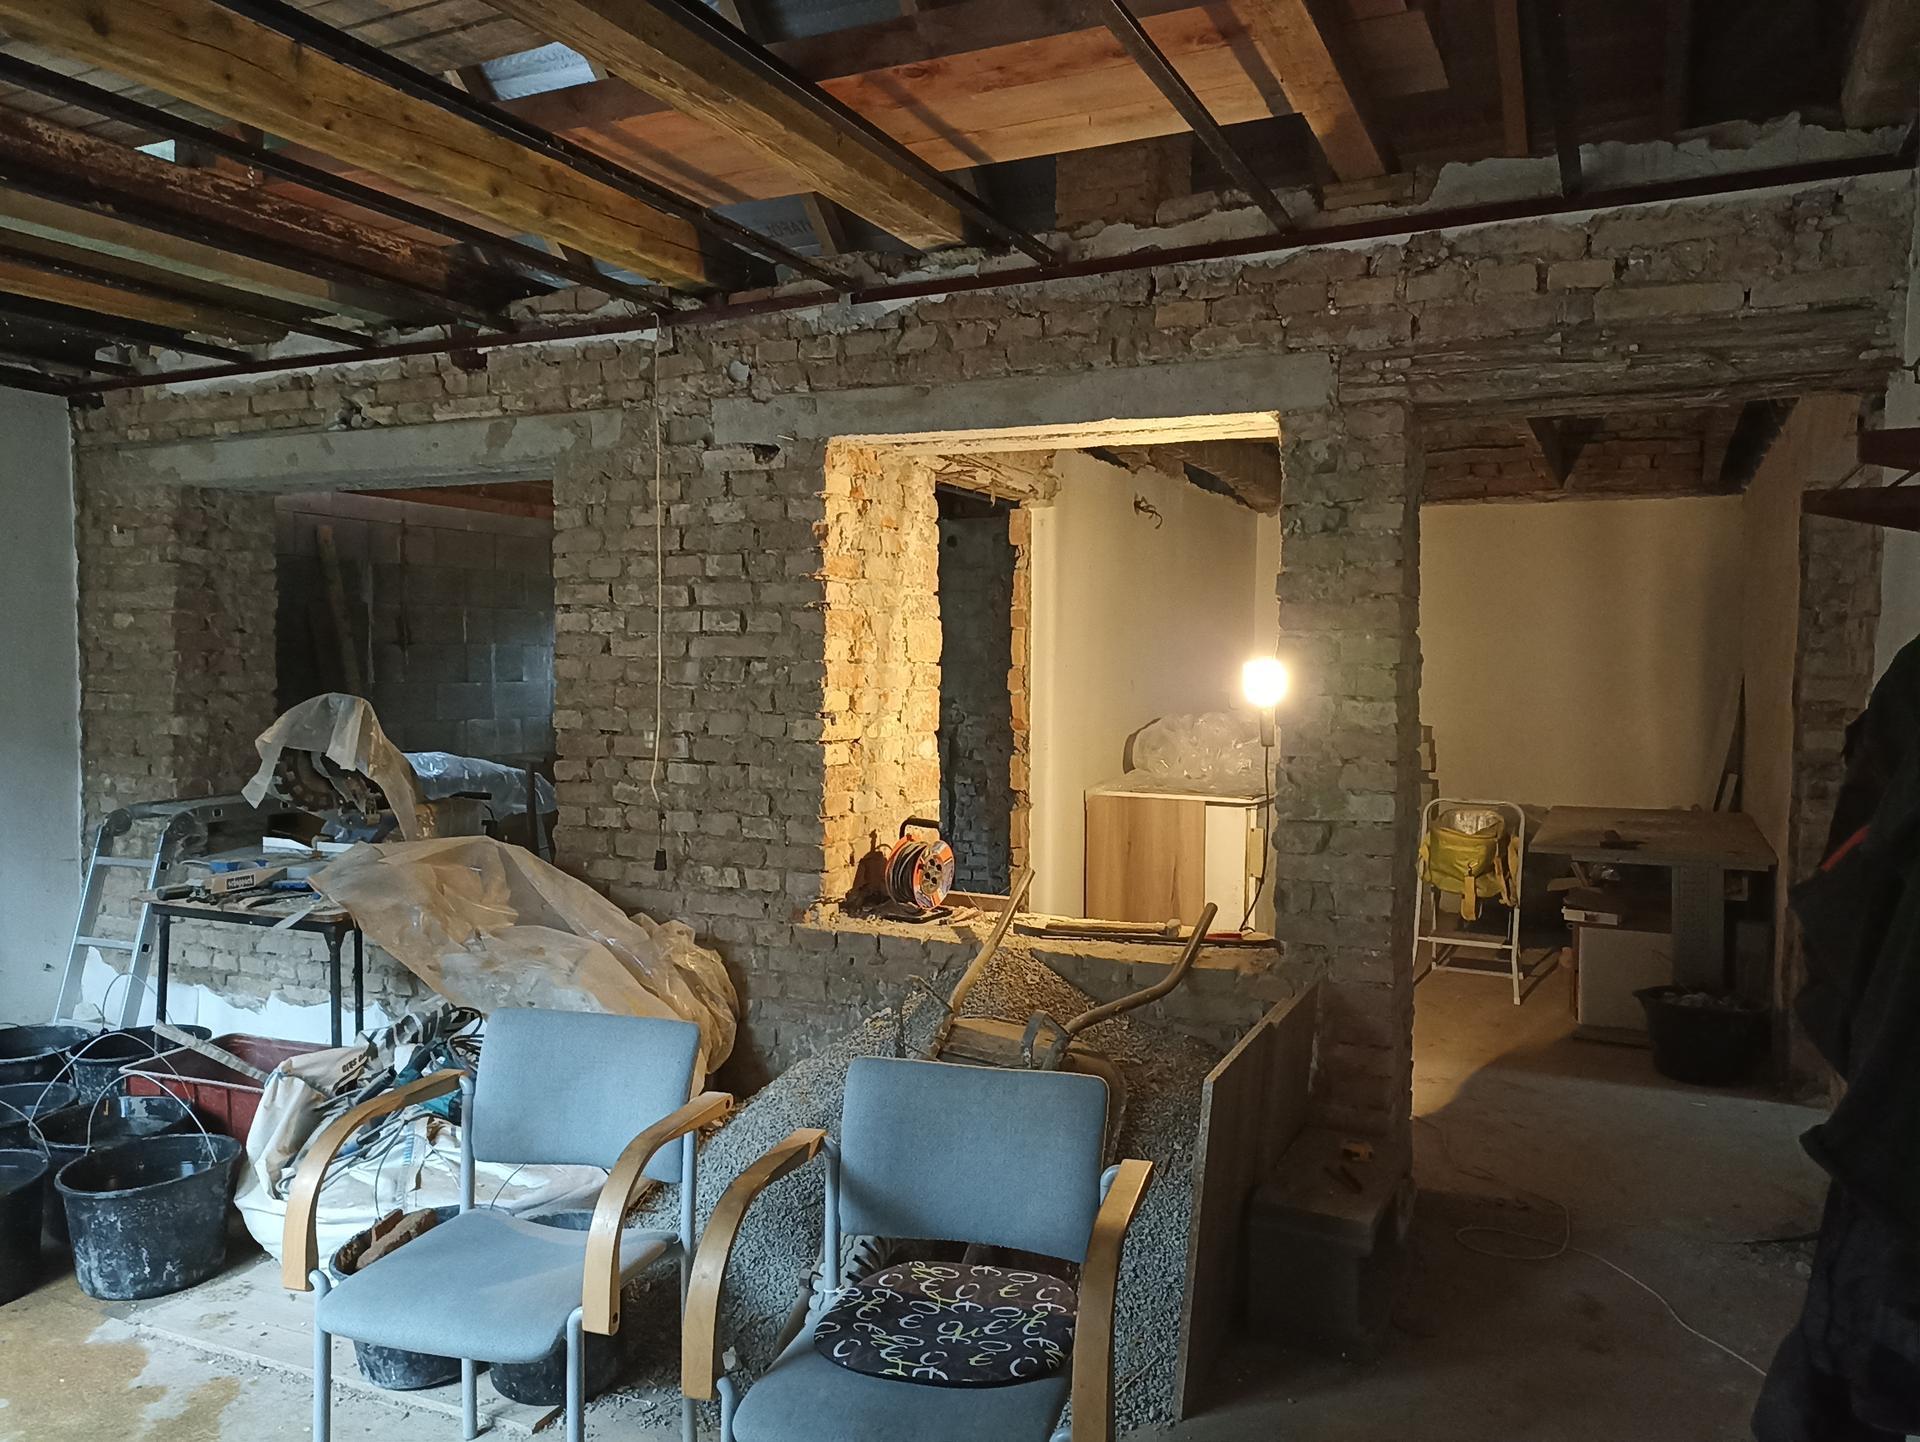 Veranda + chodba - Veranda bez stropu, pohled do kuchyně a pracovny bez stropu 😀